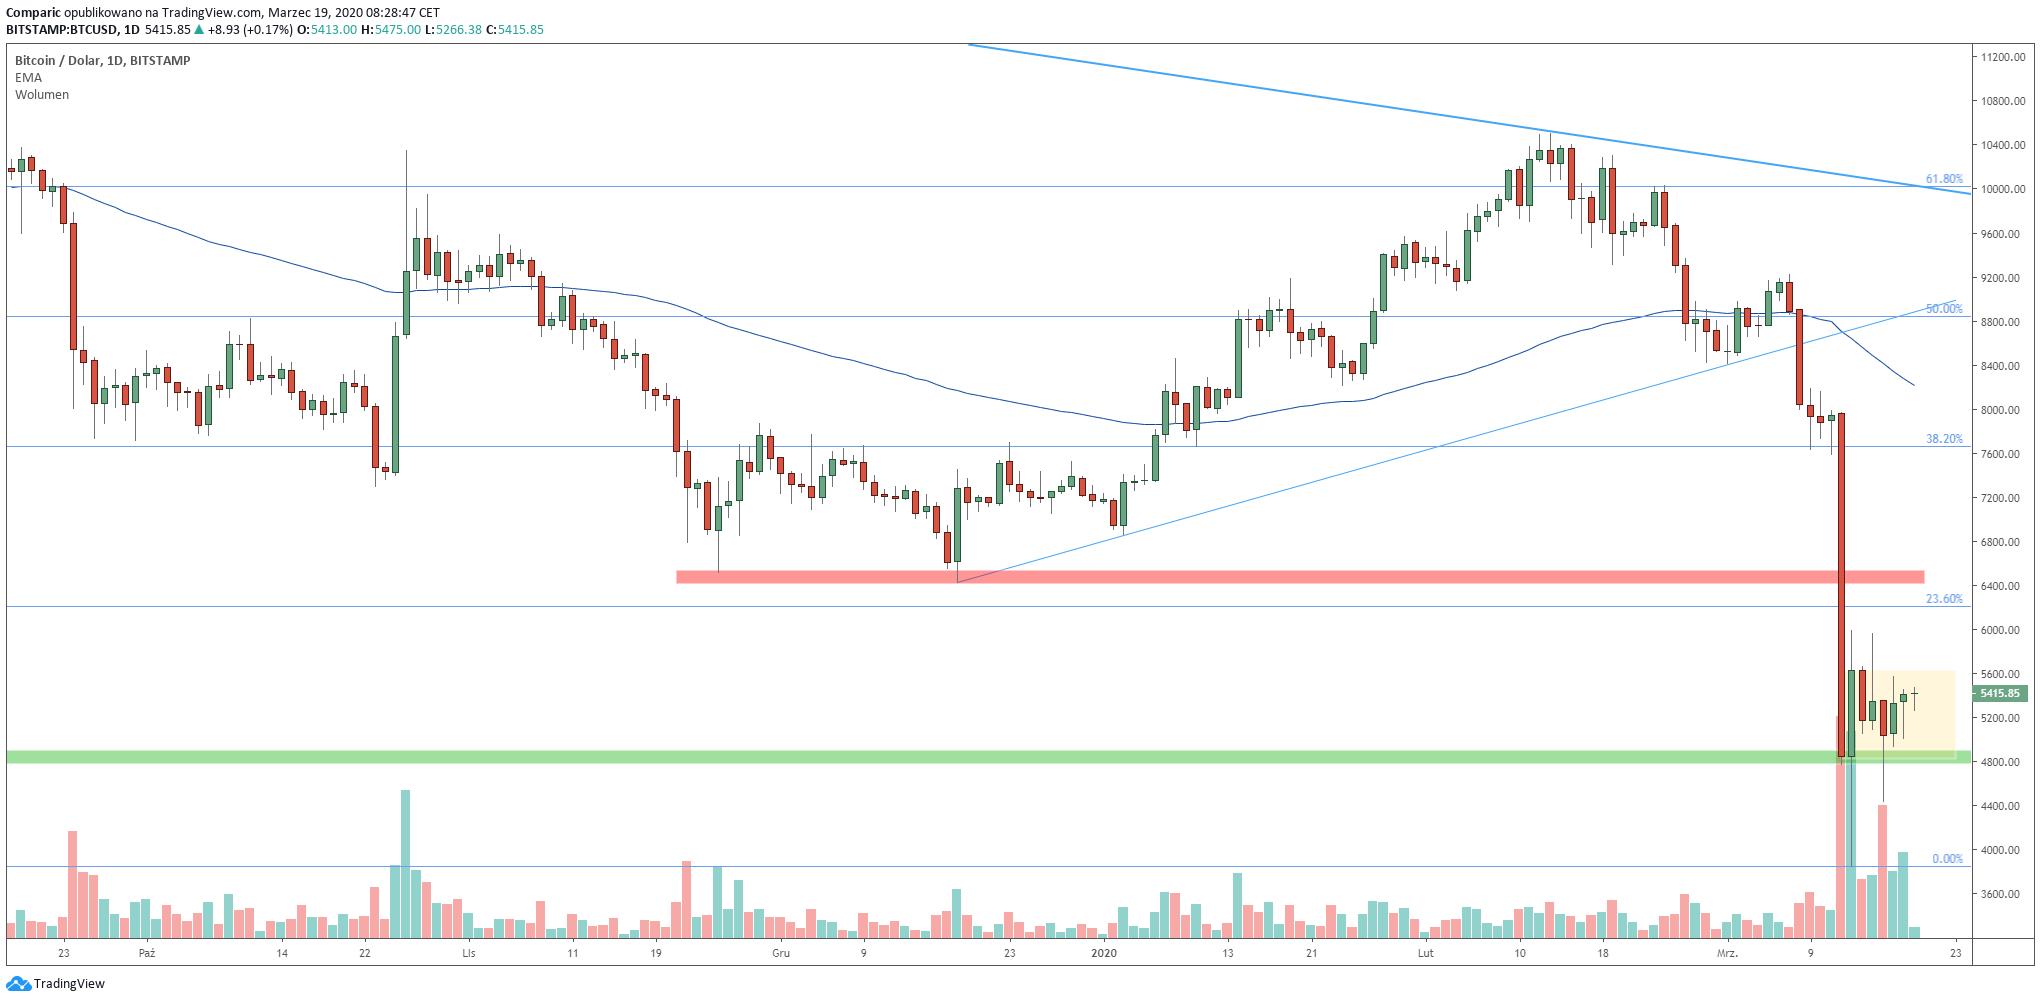 Bitcoin konsoliduje po zeszłotygodniowej, silnej deprecjacji. Źródło: Tradingview.com